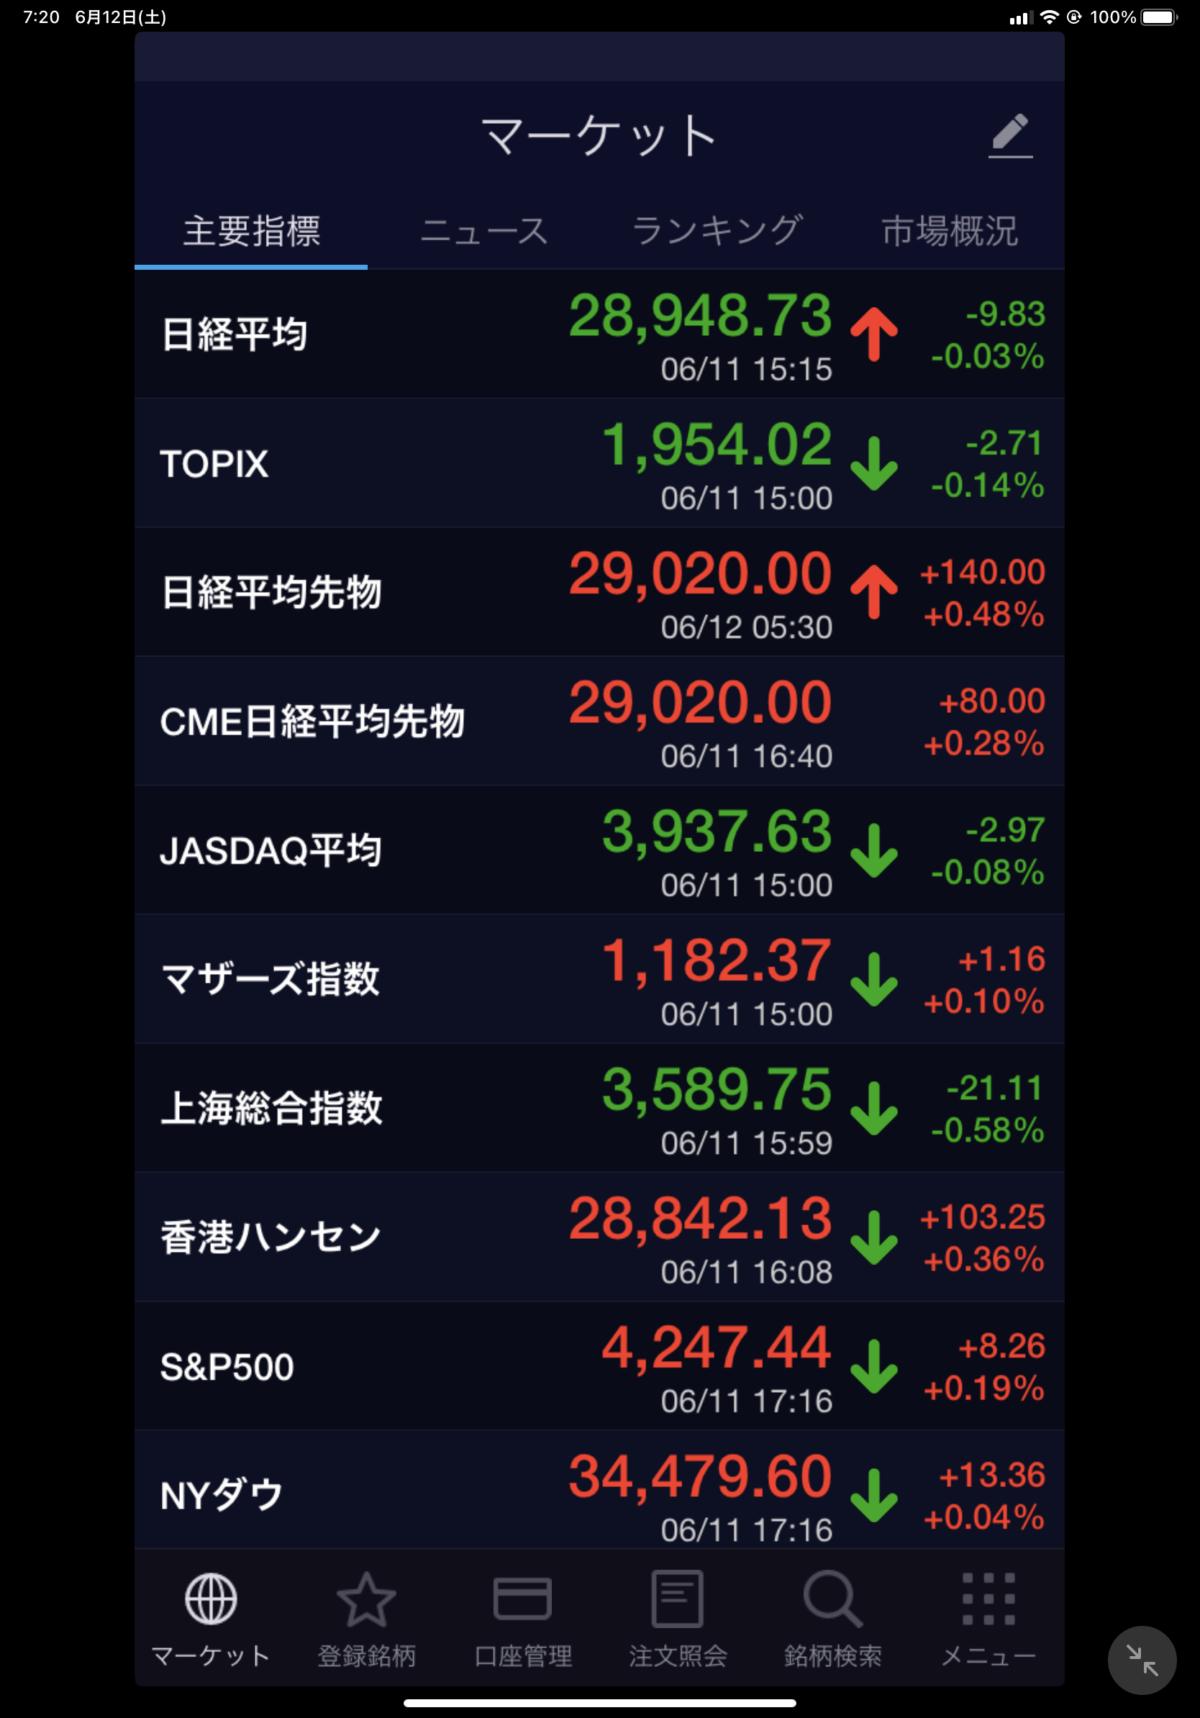 2021年6月12日 世界の市場